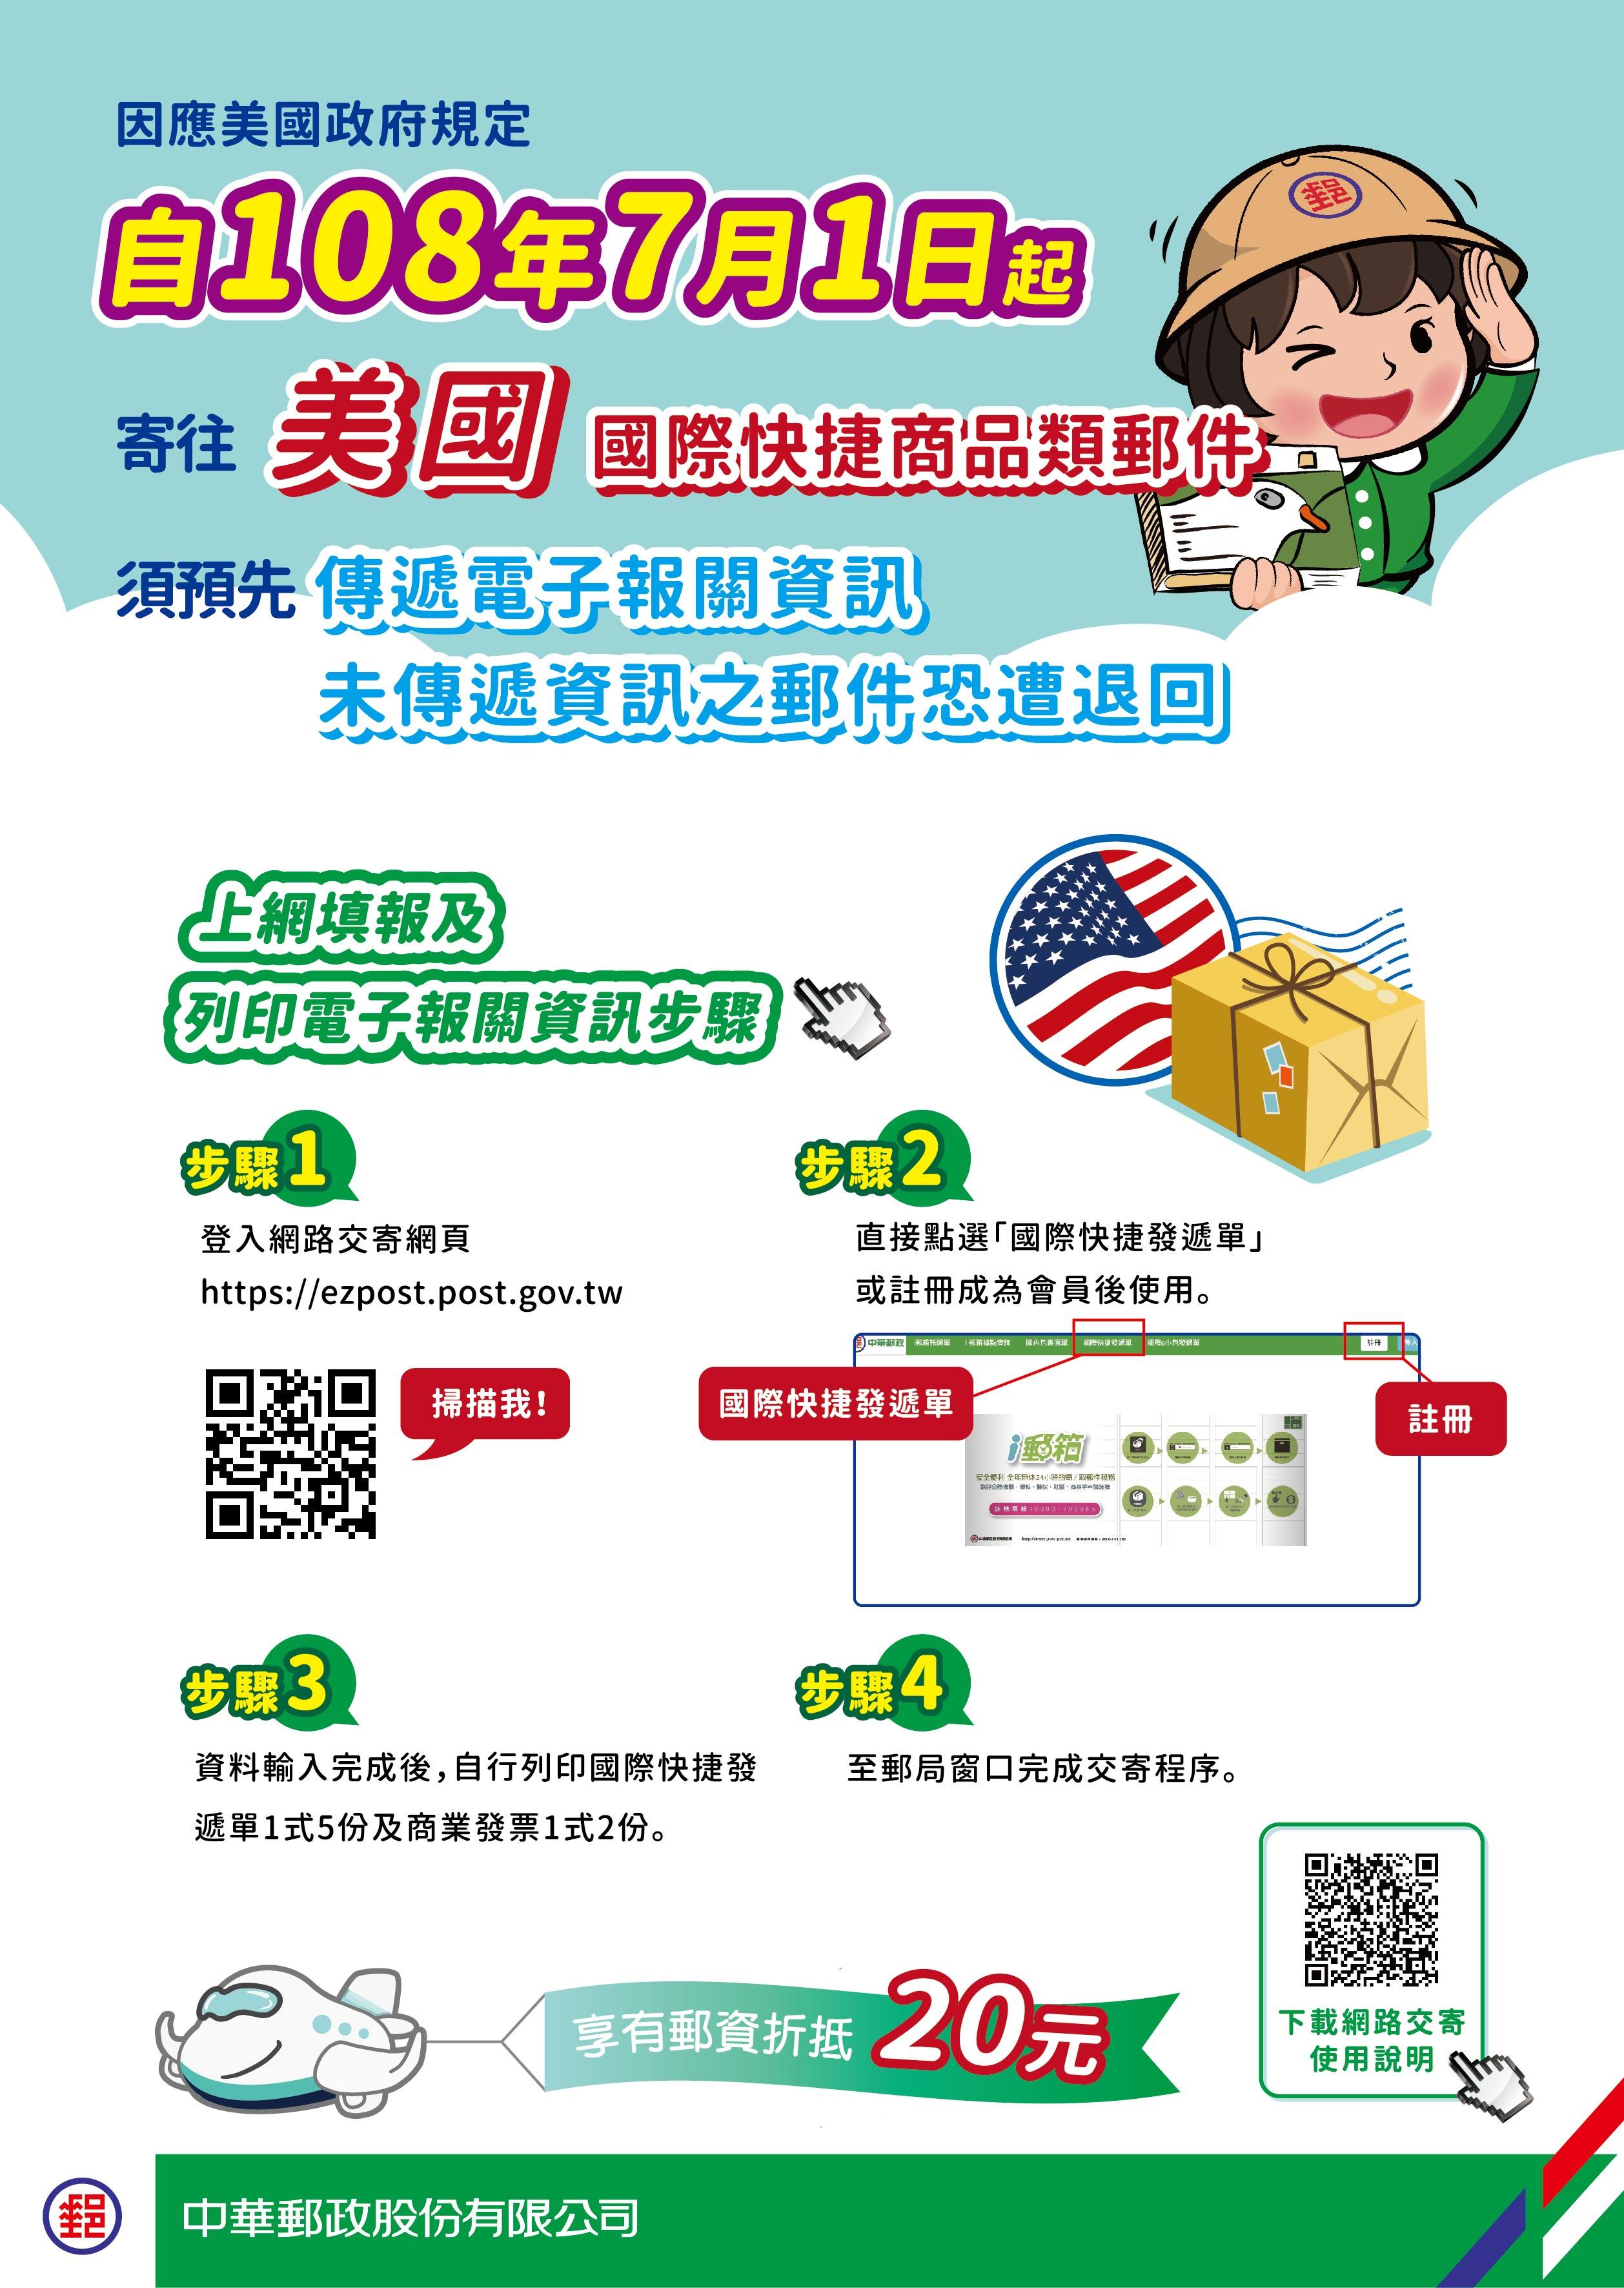 自108年7月1日起寄往美國之國際快捷,請先使用中華郵政全球資訊網網路交寄頁面自行列印發遞單及商業發票,俾利傳遞報關資訊。